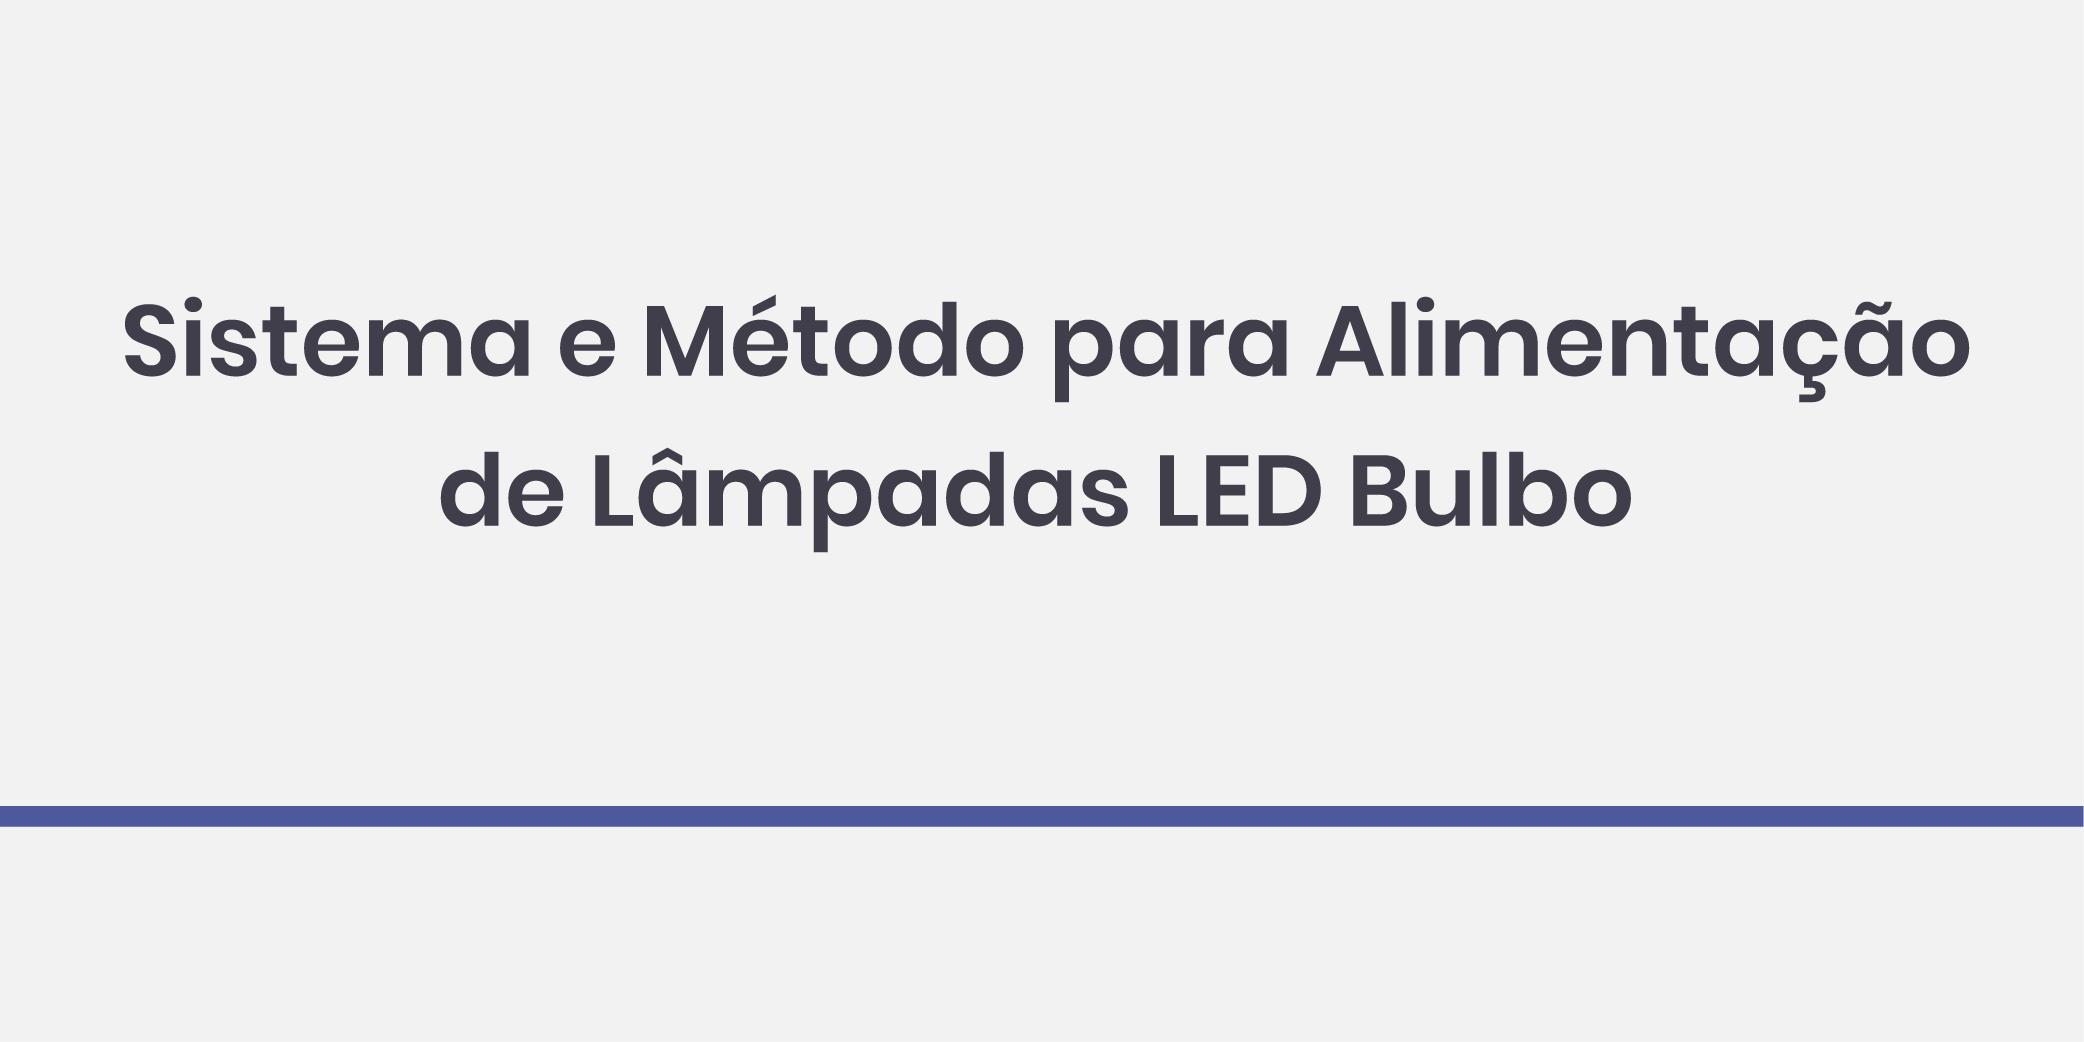 Sistema e Método para Alimentação de Lâmpadas LED Bulbo